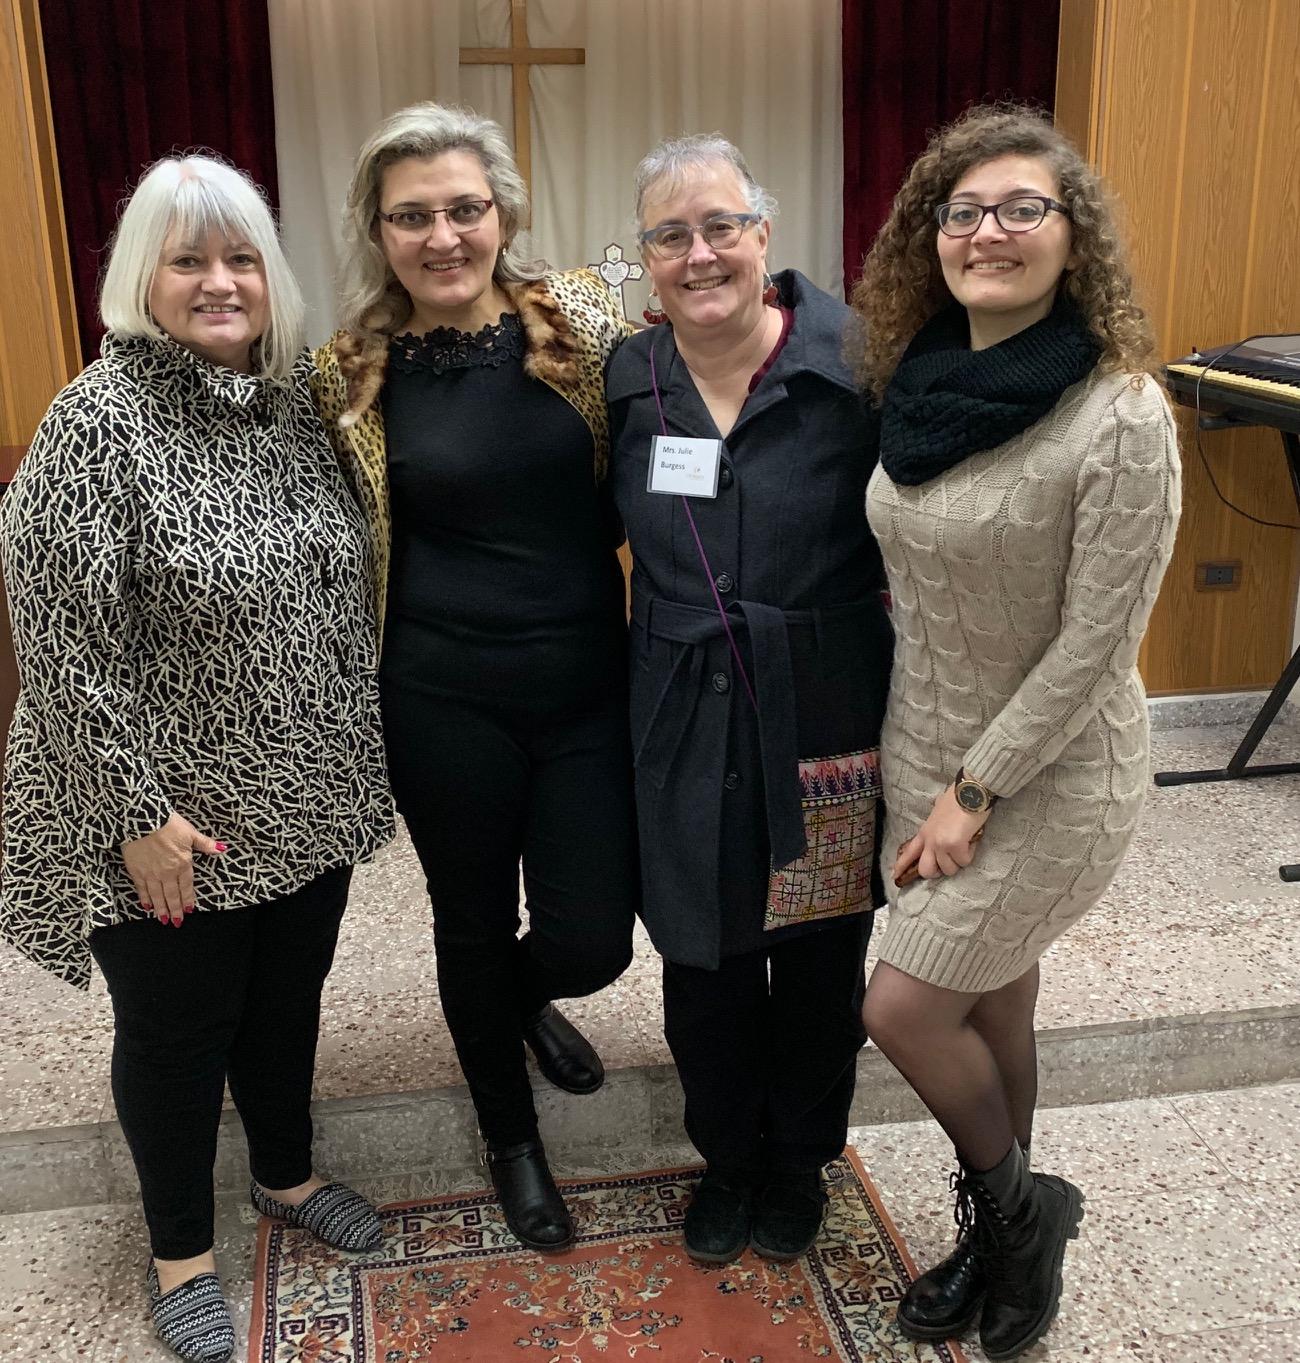 Marilyn, Banyas Elder Georgette Mg, Julie and Nellie, daughter of Georgette